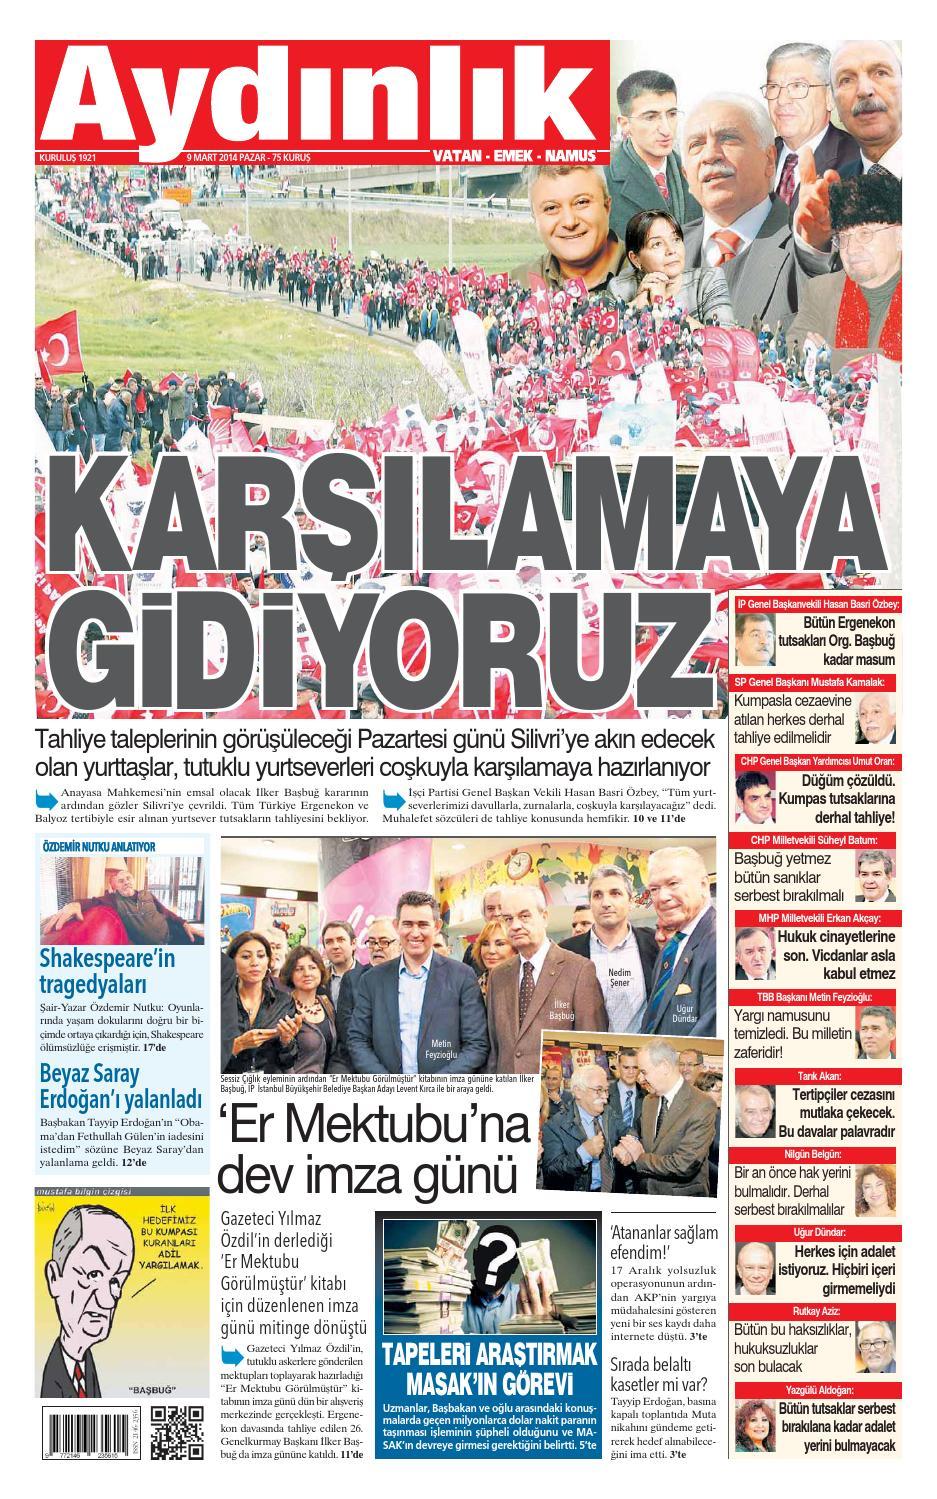 CHP ile HDPnin ortak adayı olacağı iddia edilen Celal Doğan: Görüşmeleri beklemek gerekli 96